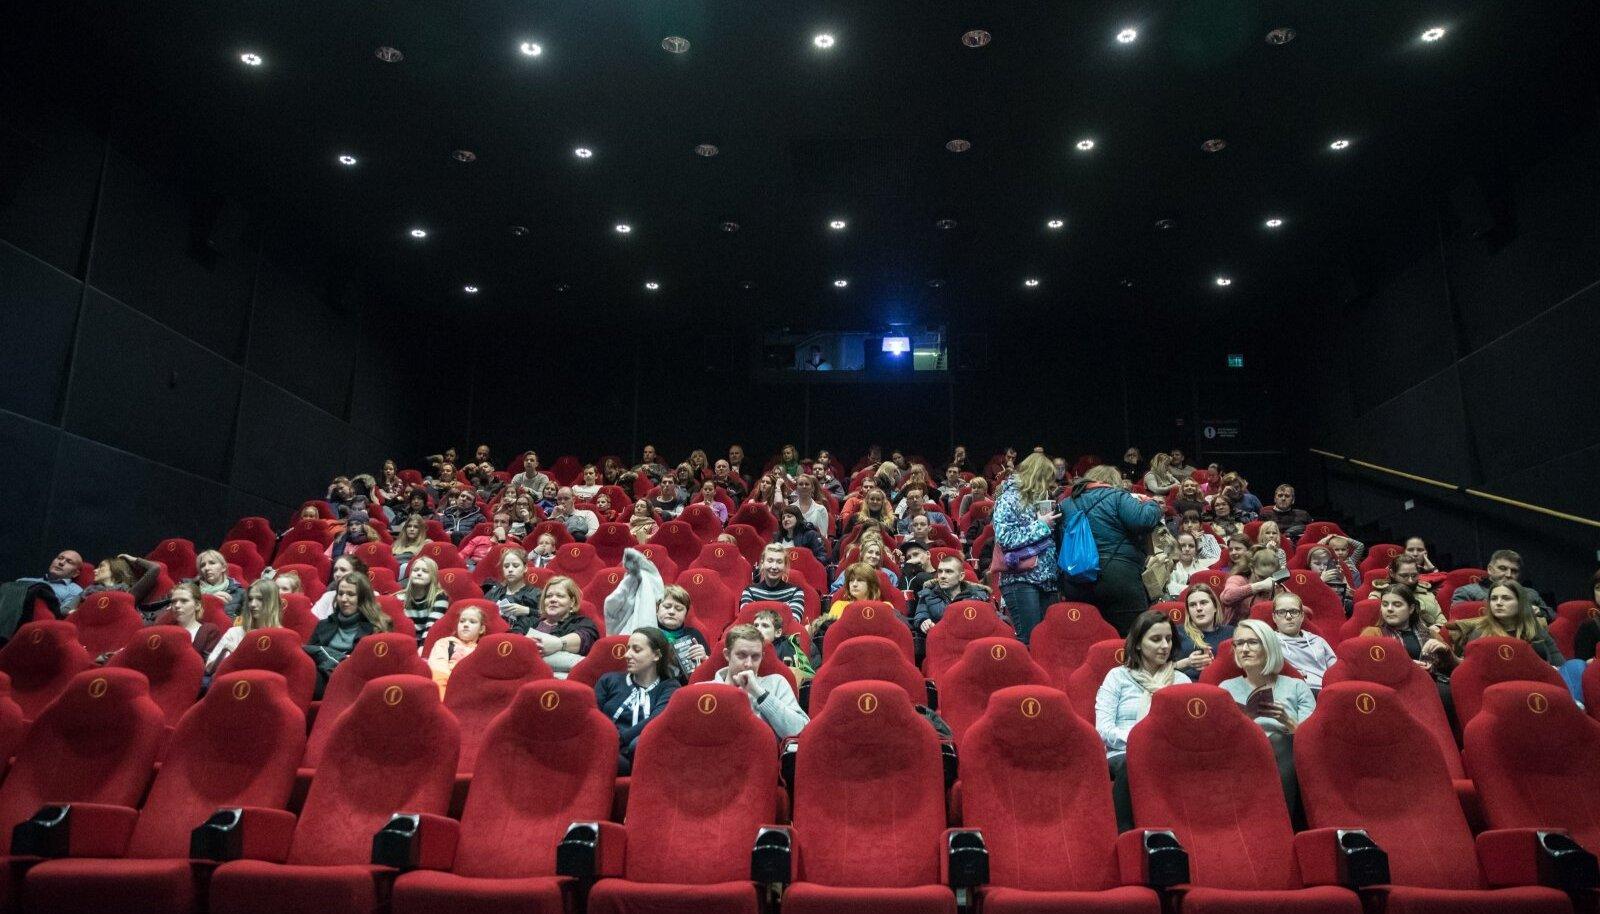 Kino peab hakkama tõendeid kontrollima, sest terve kino peale võib ilma tõendita olla ainult 50 inimest.